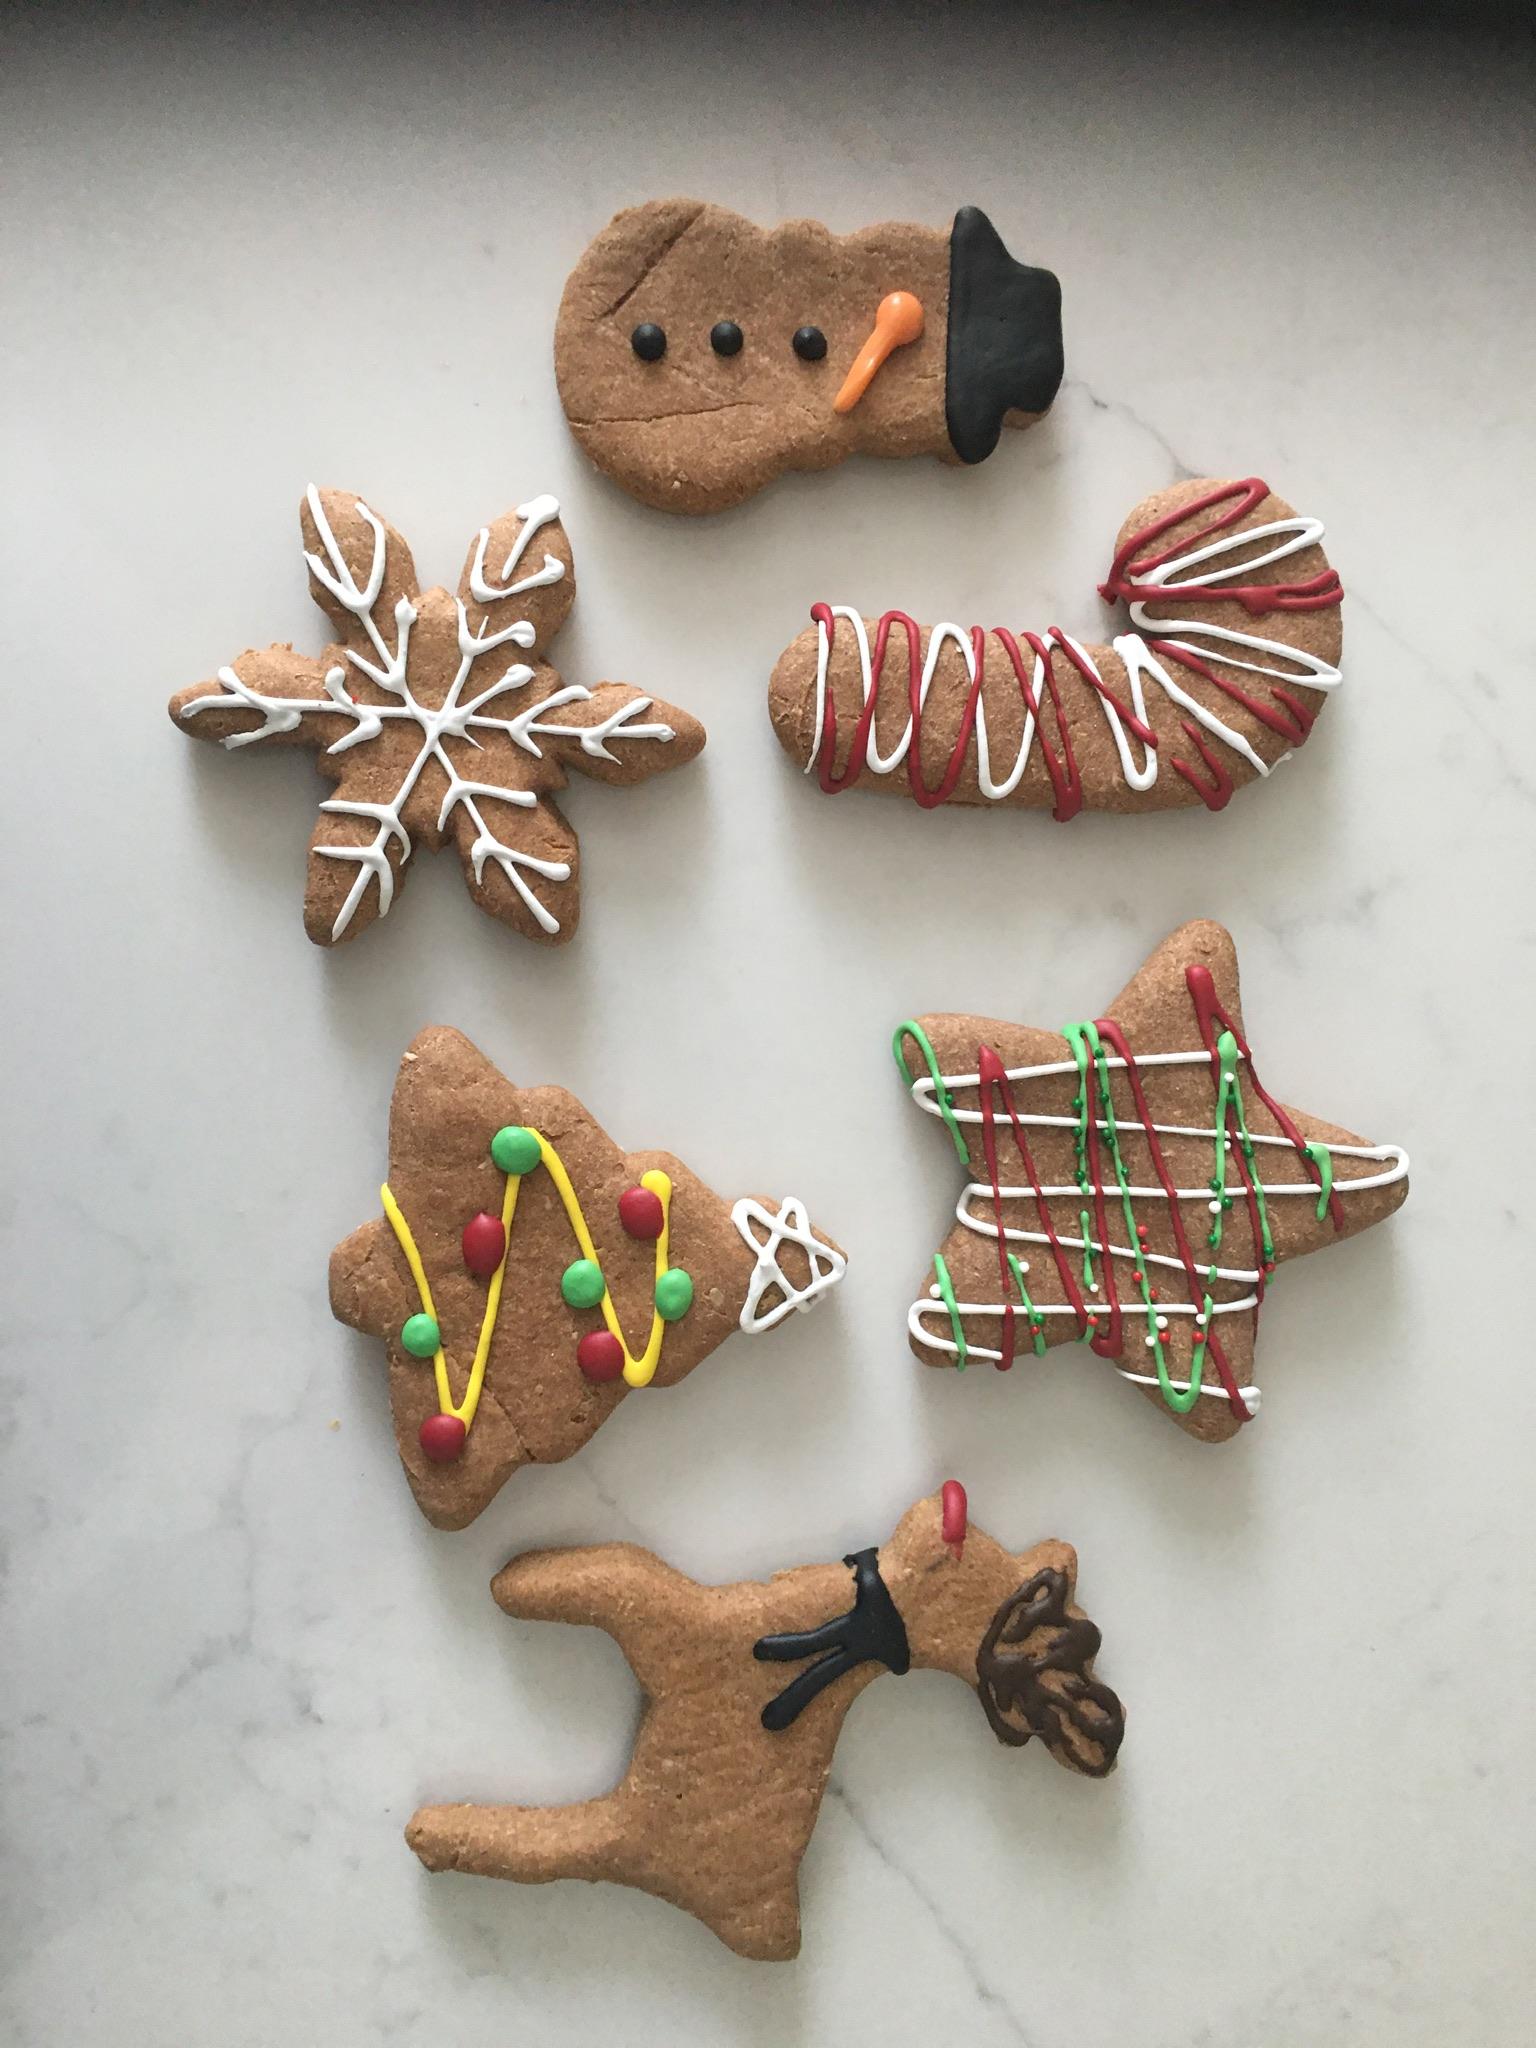 Biscotti Hound Peanut Butter Holiday Biscuits